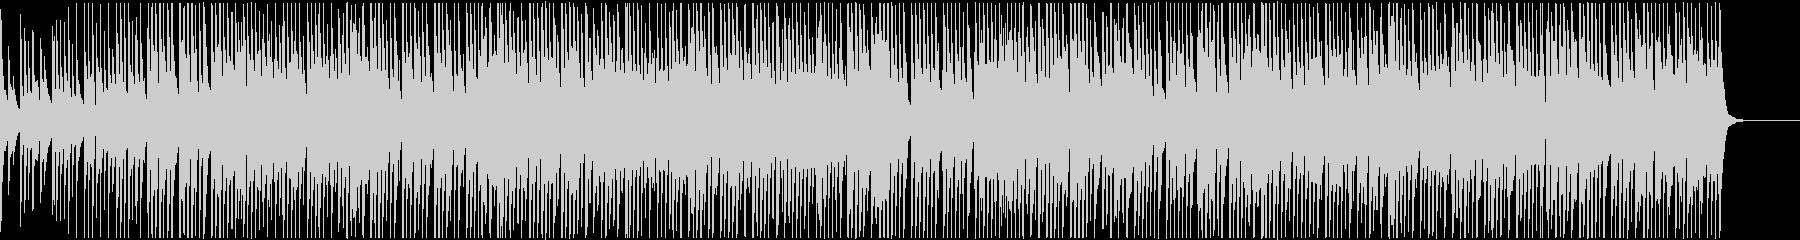 ウクレレとピアノの愉快なおもちゃブルースの未再生の波形